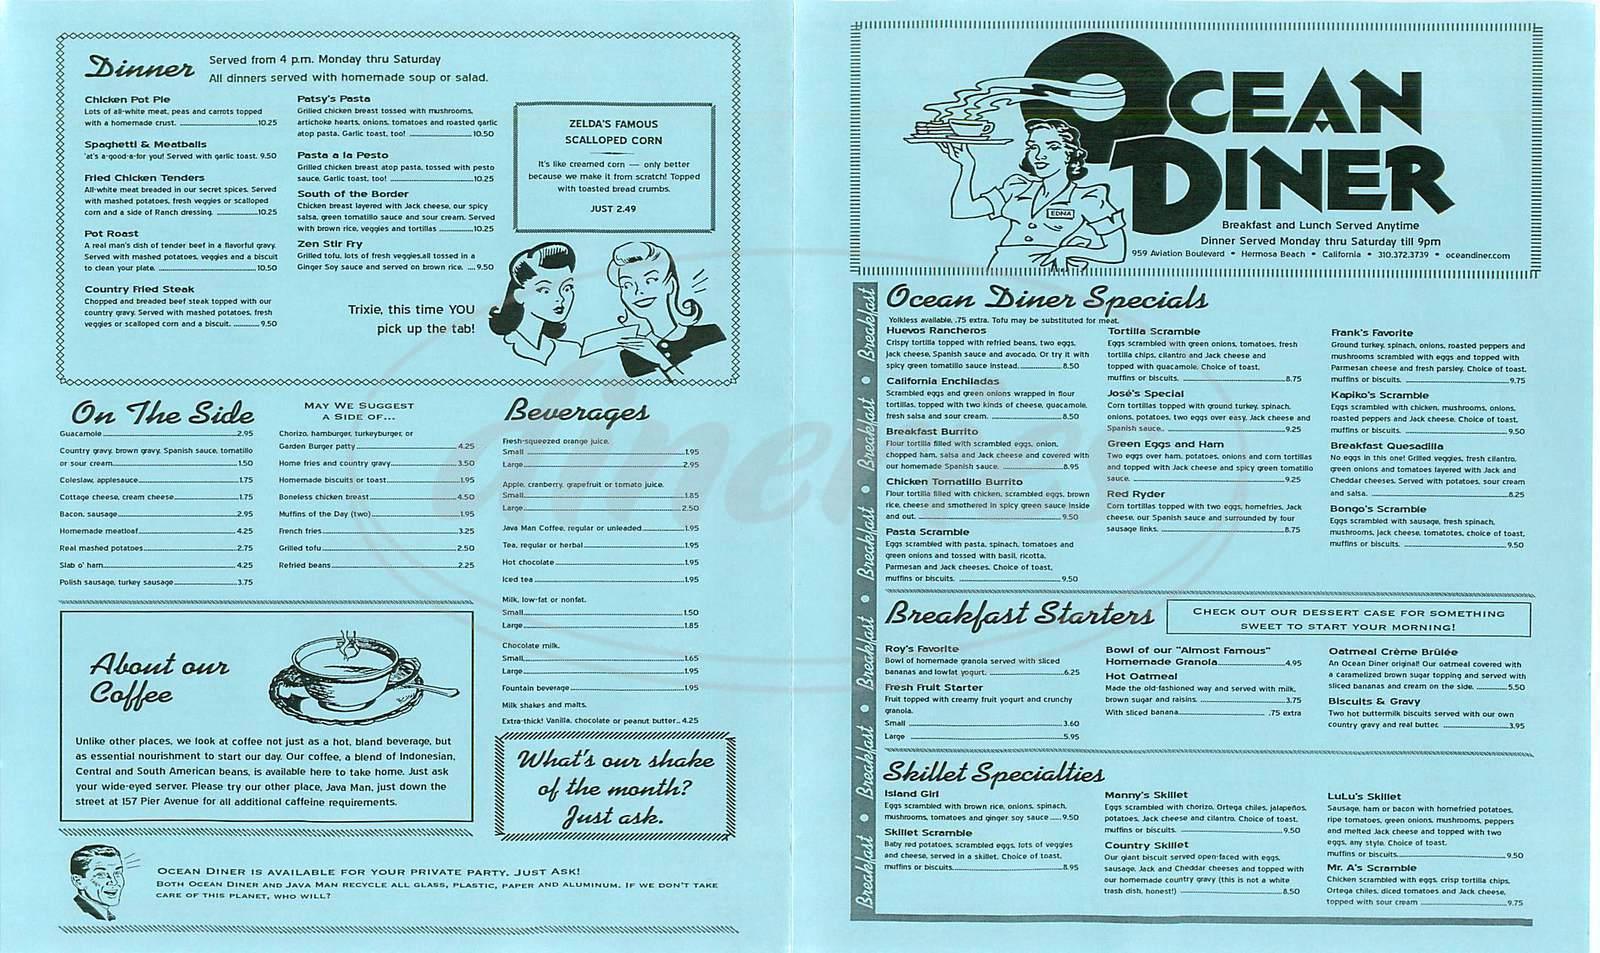 menu for Ocean Diner